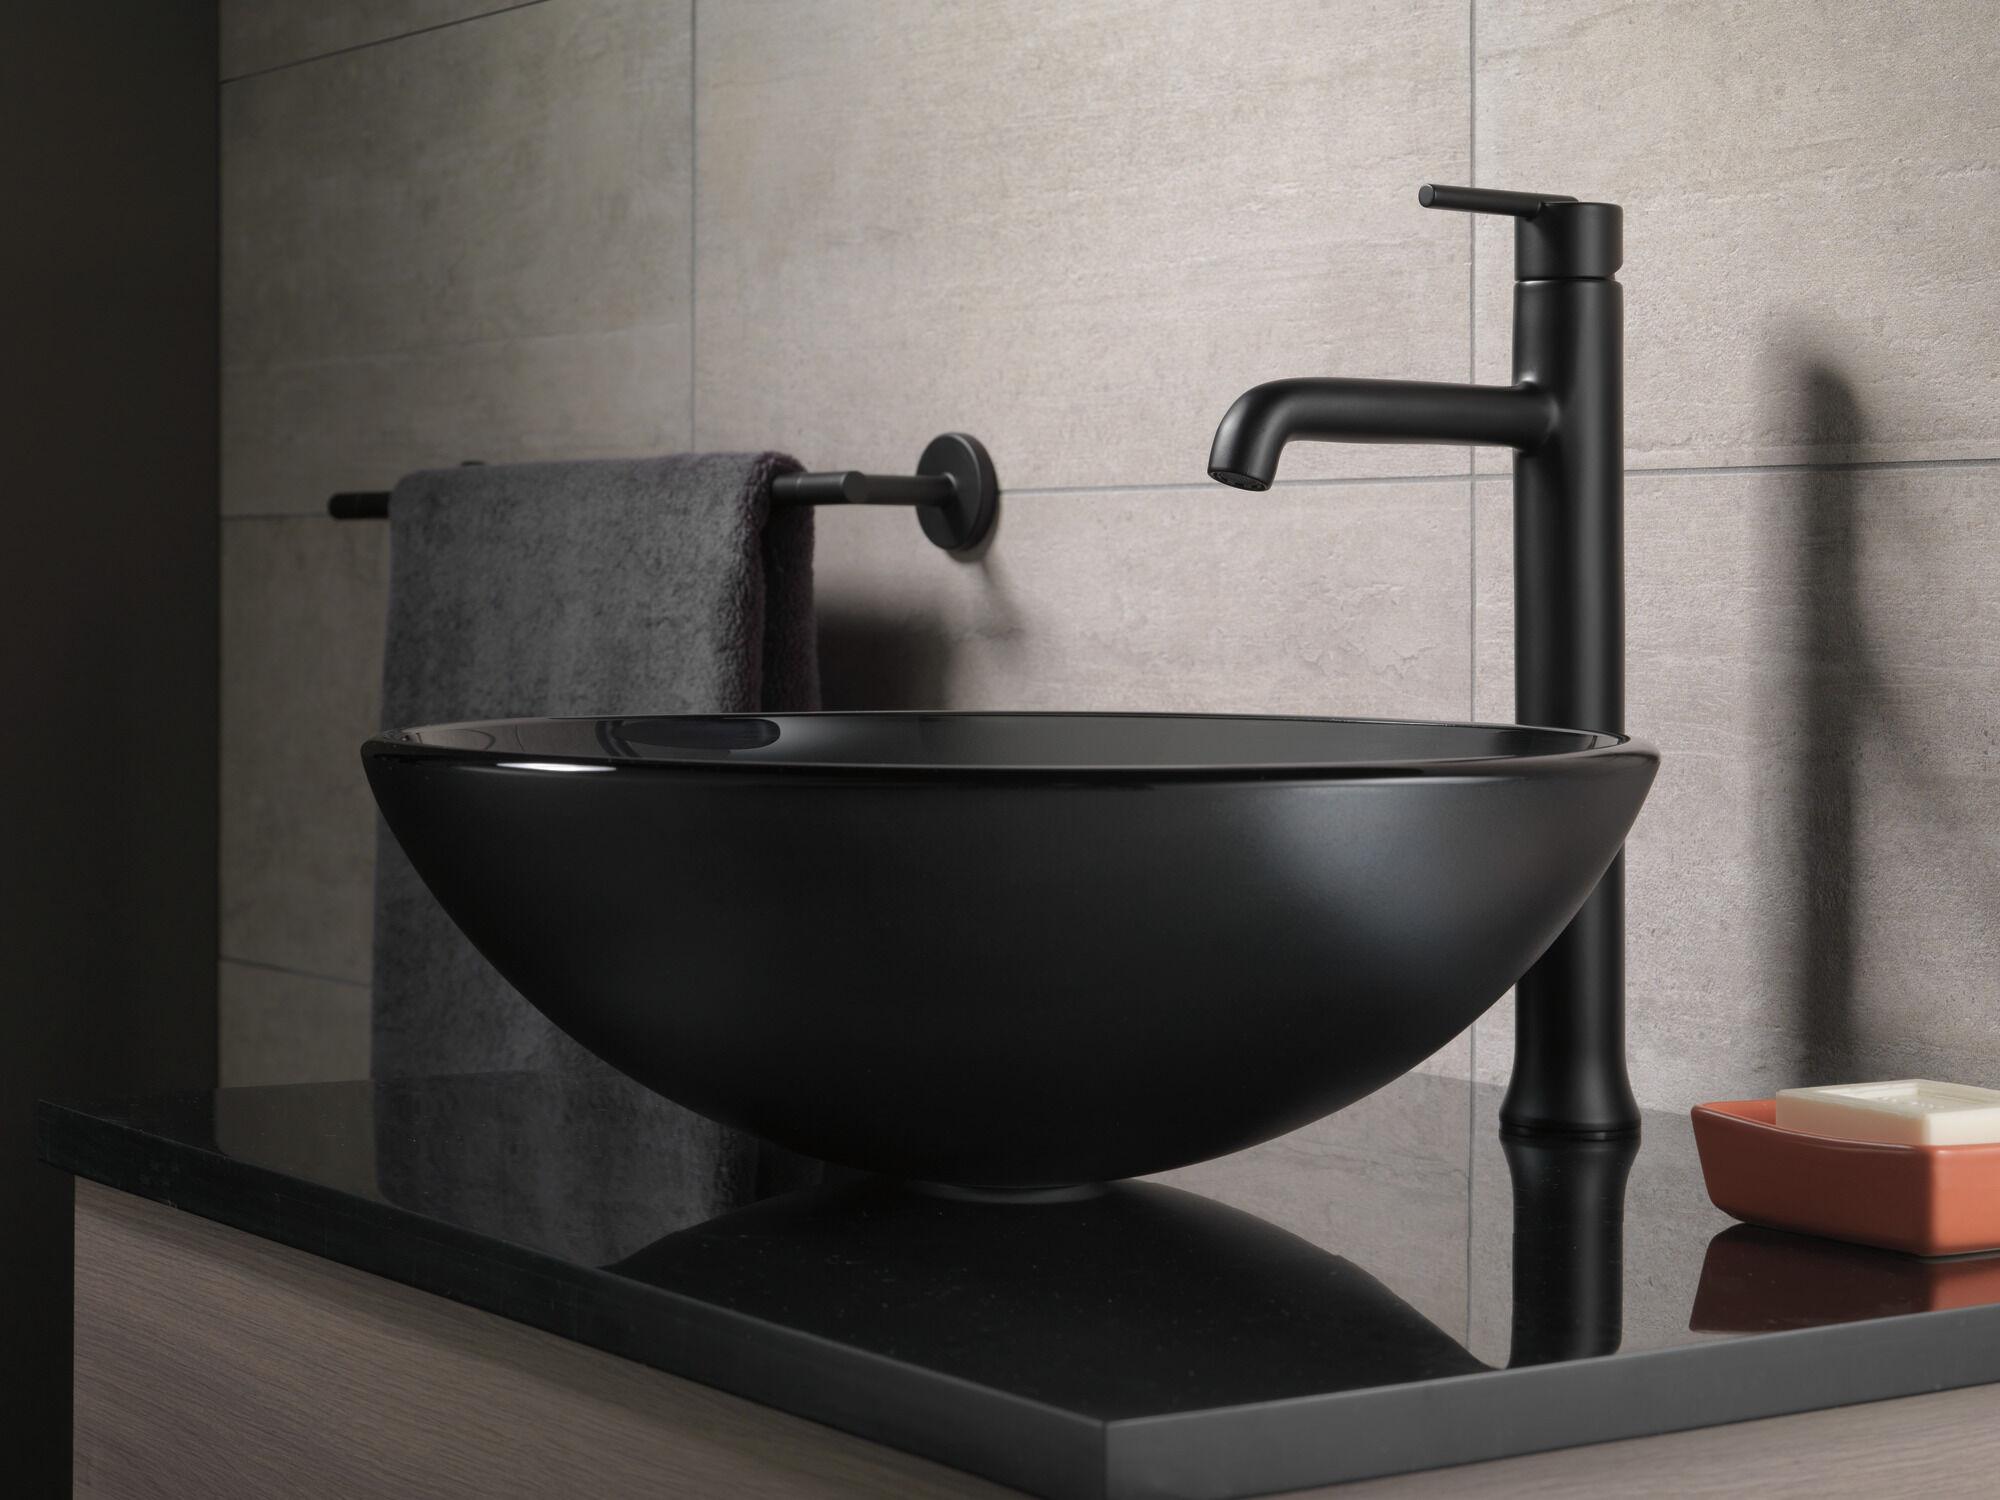 single handle vessel bathroom faucet